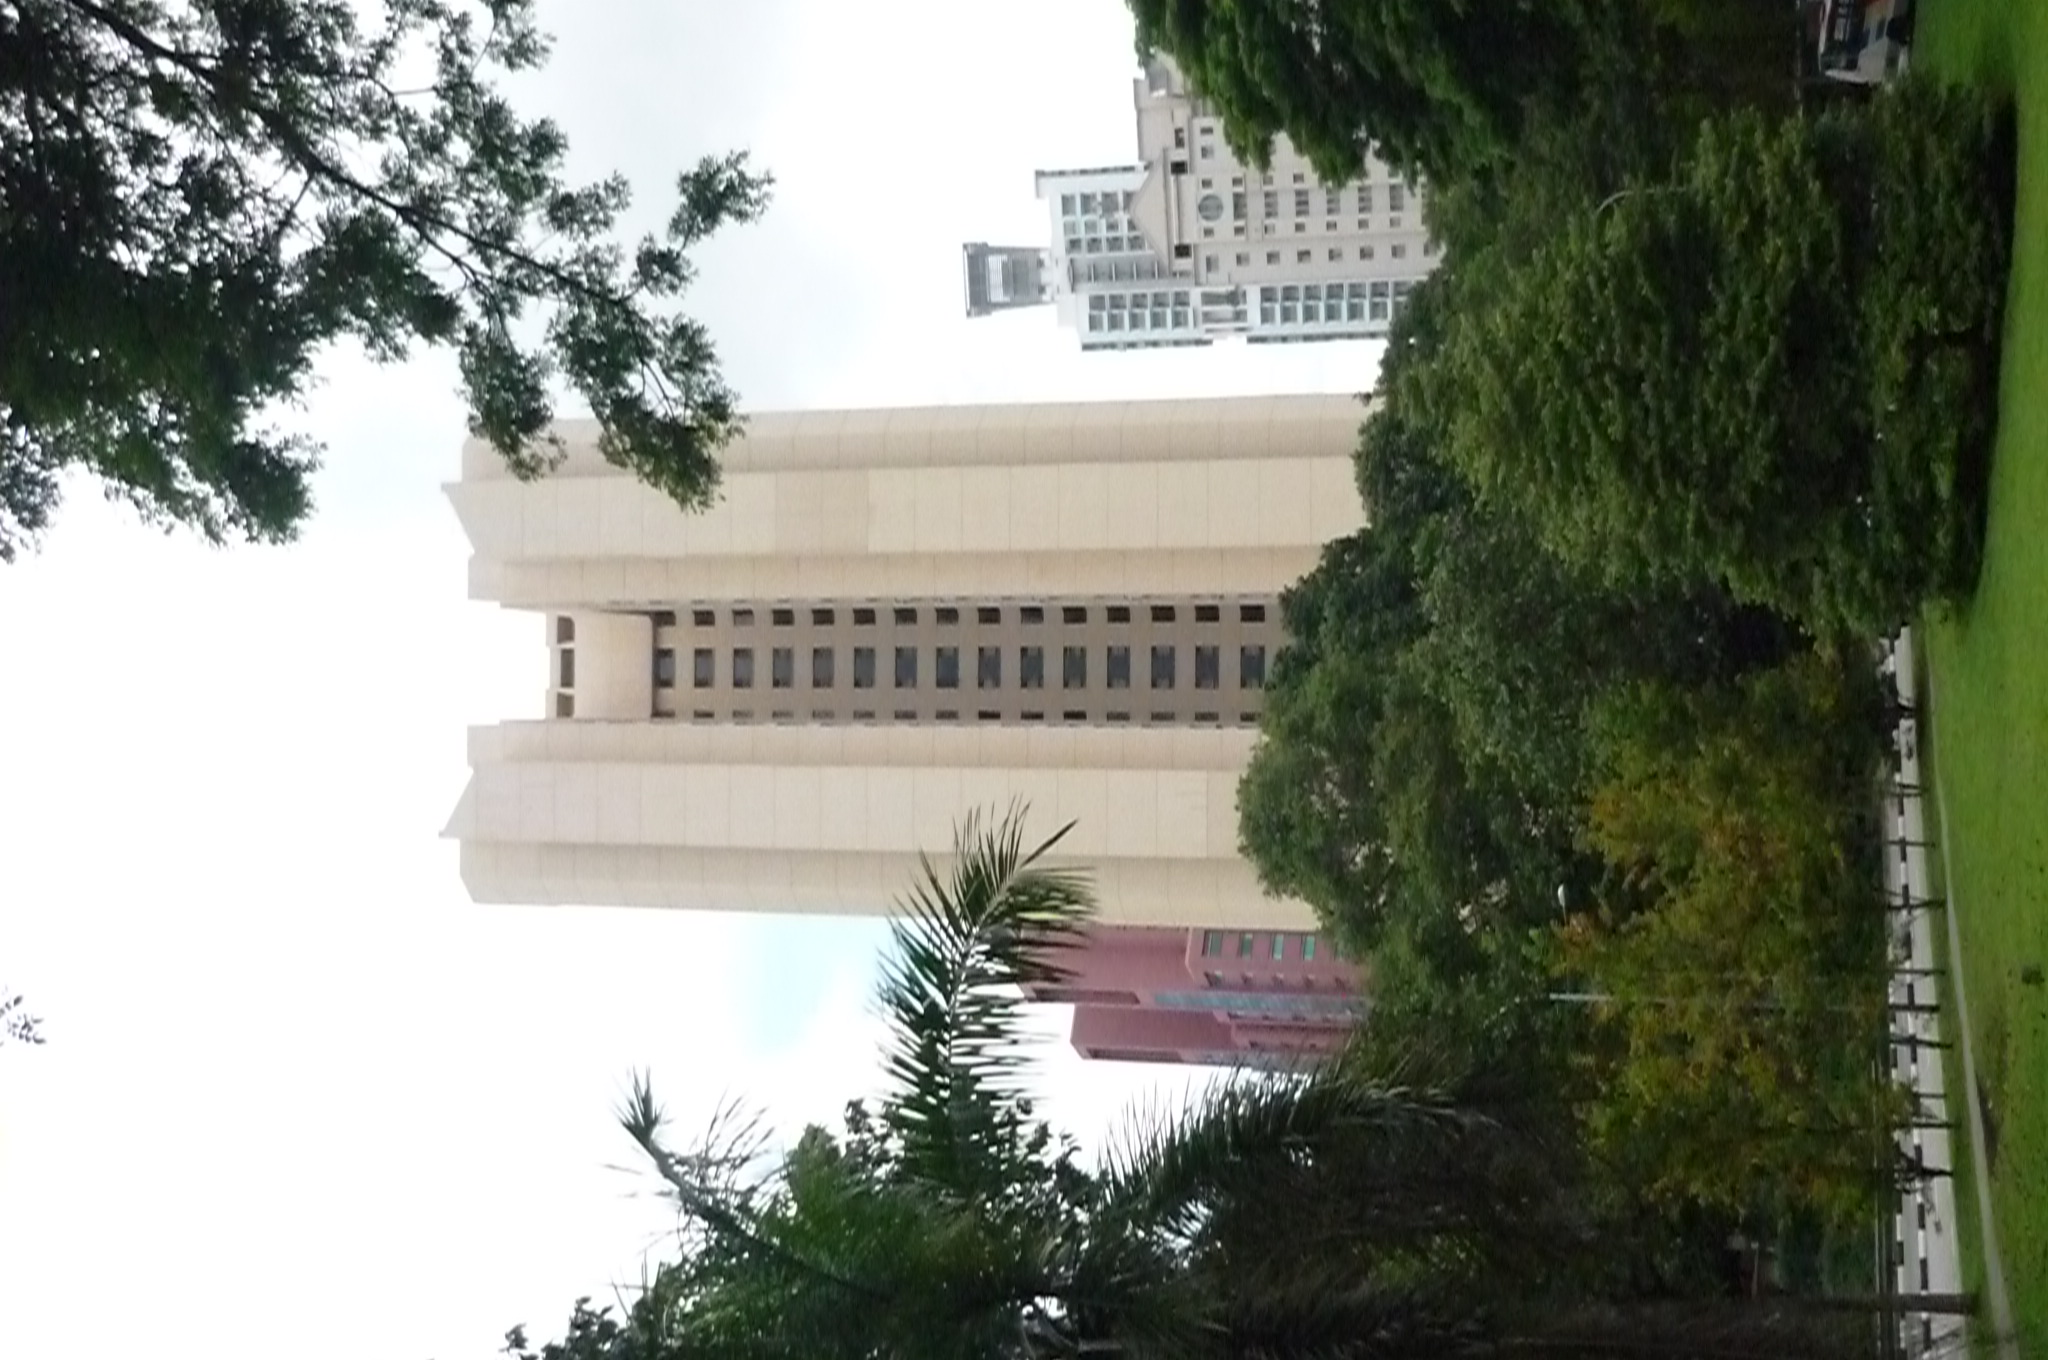 Arrivée, installation et premières impressions de Singap'